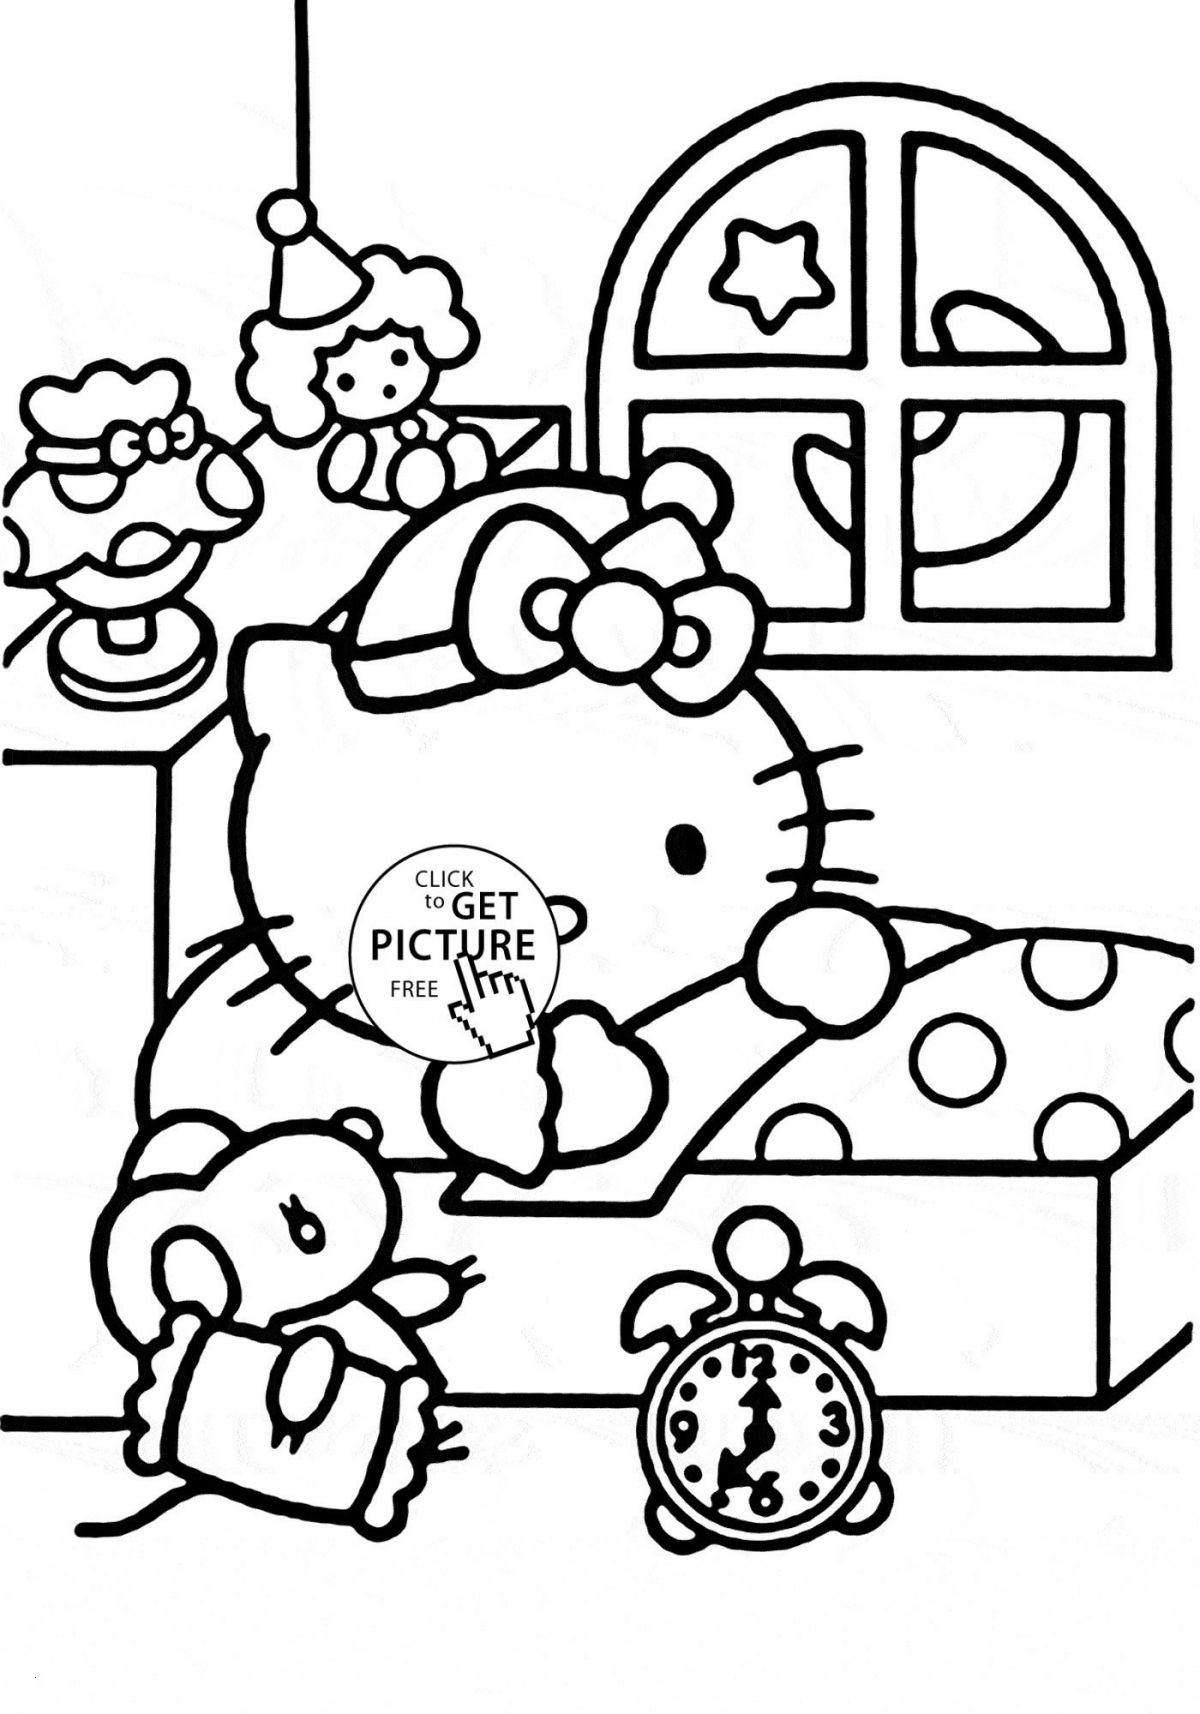 Ich Einfach Unverbesserlich Ausmalbilder Frisch Ausmalbilder Hello Kitty Meerjungfrau New 32 Ausmalbilder Ich Bild